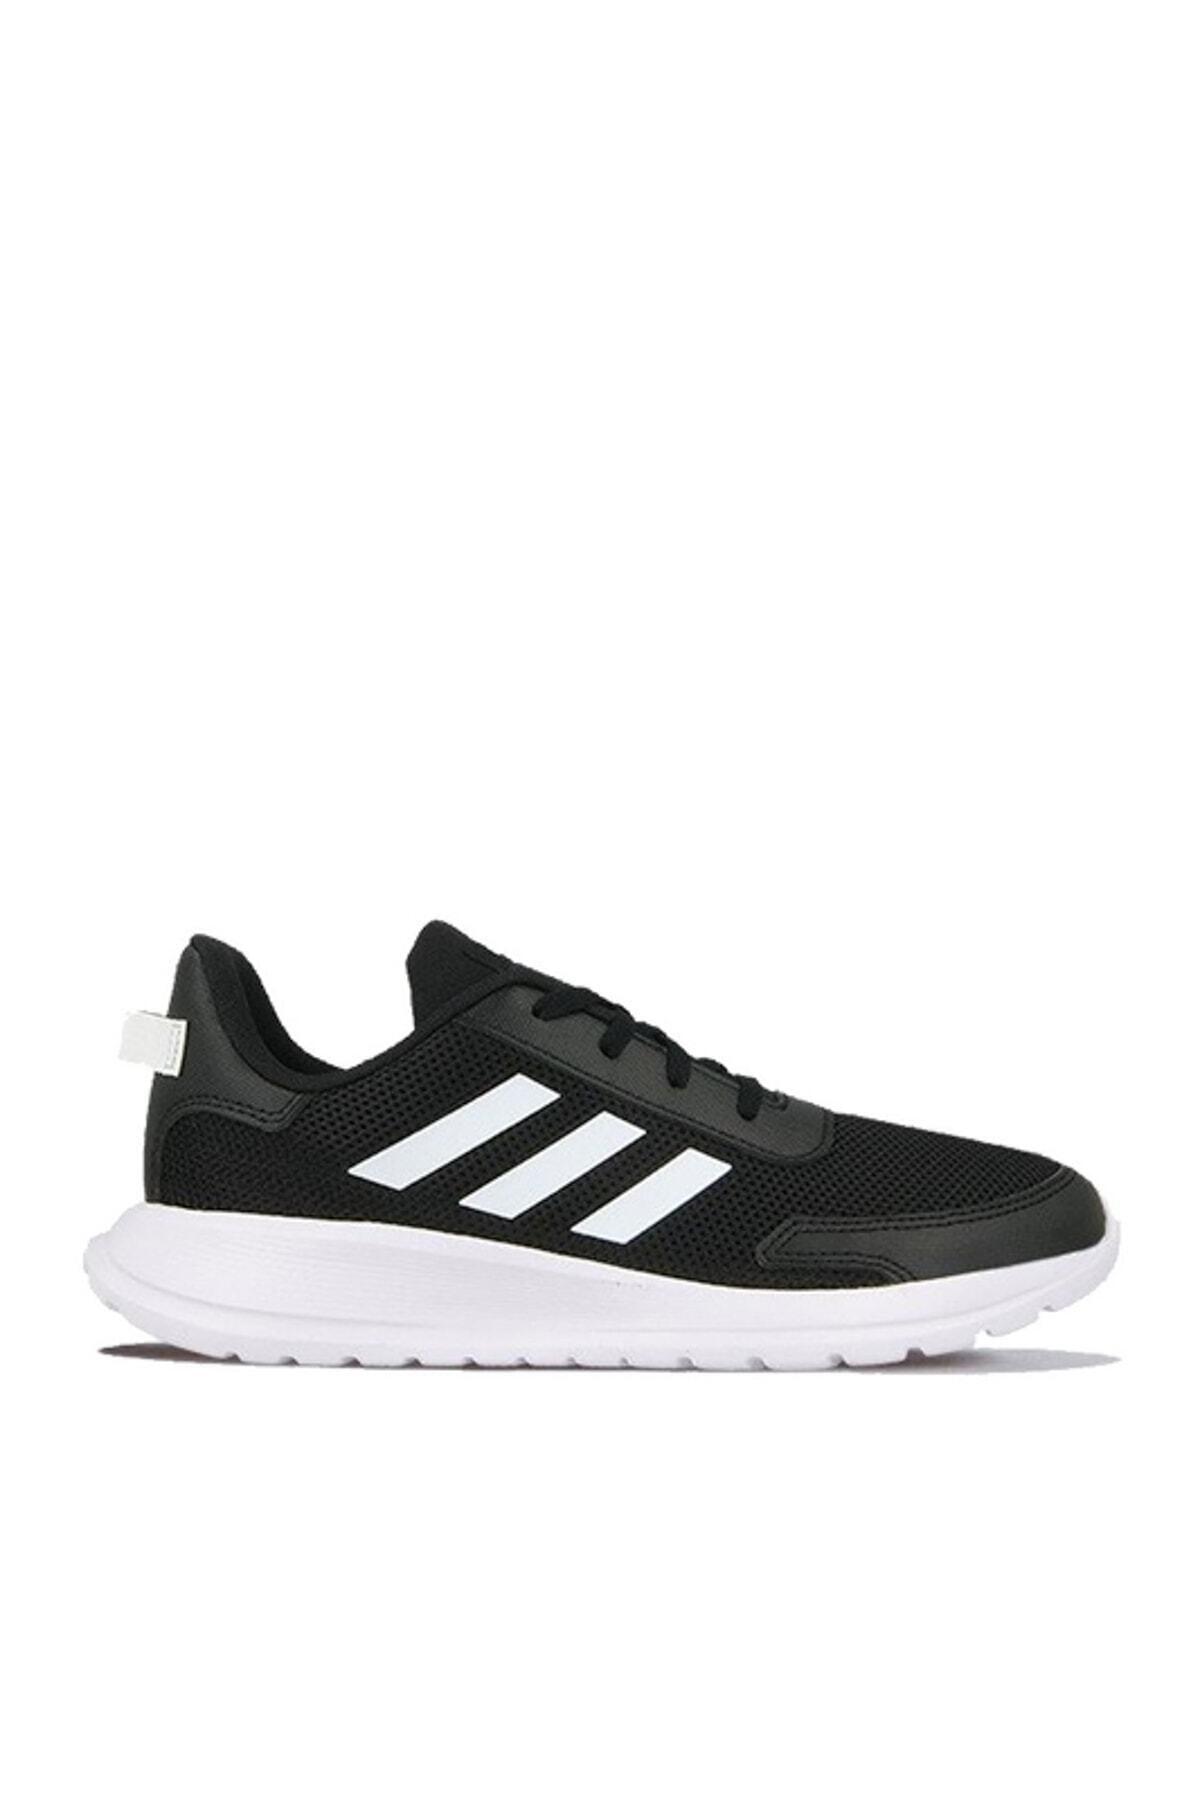 adidas TENSAUR RUN Siyah Erkek Çocuk Koşu Ayakkabısı 100531451 1